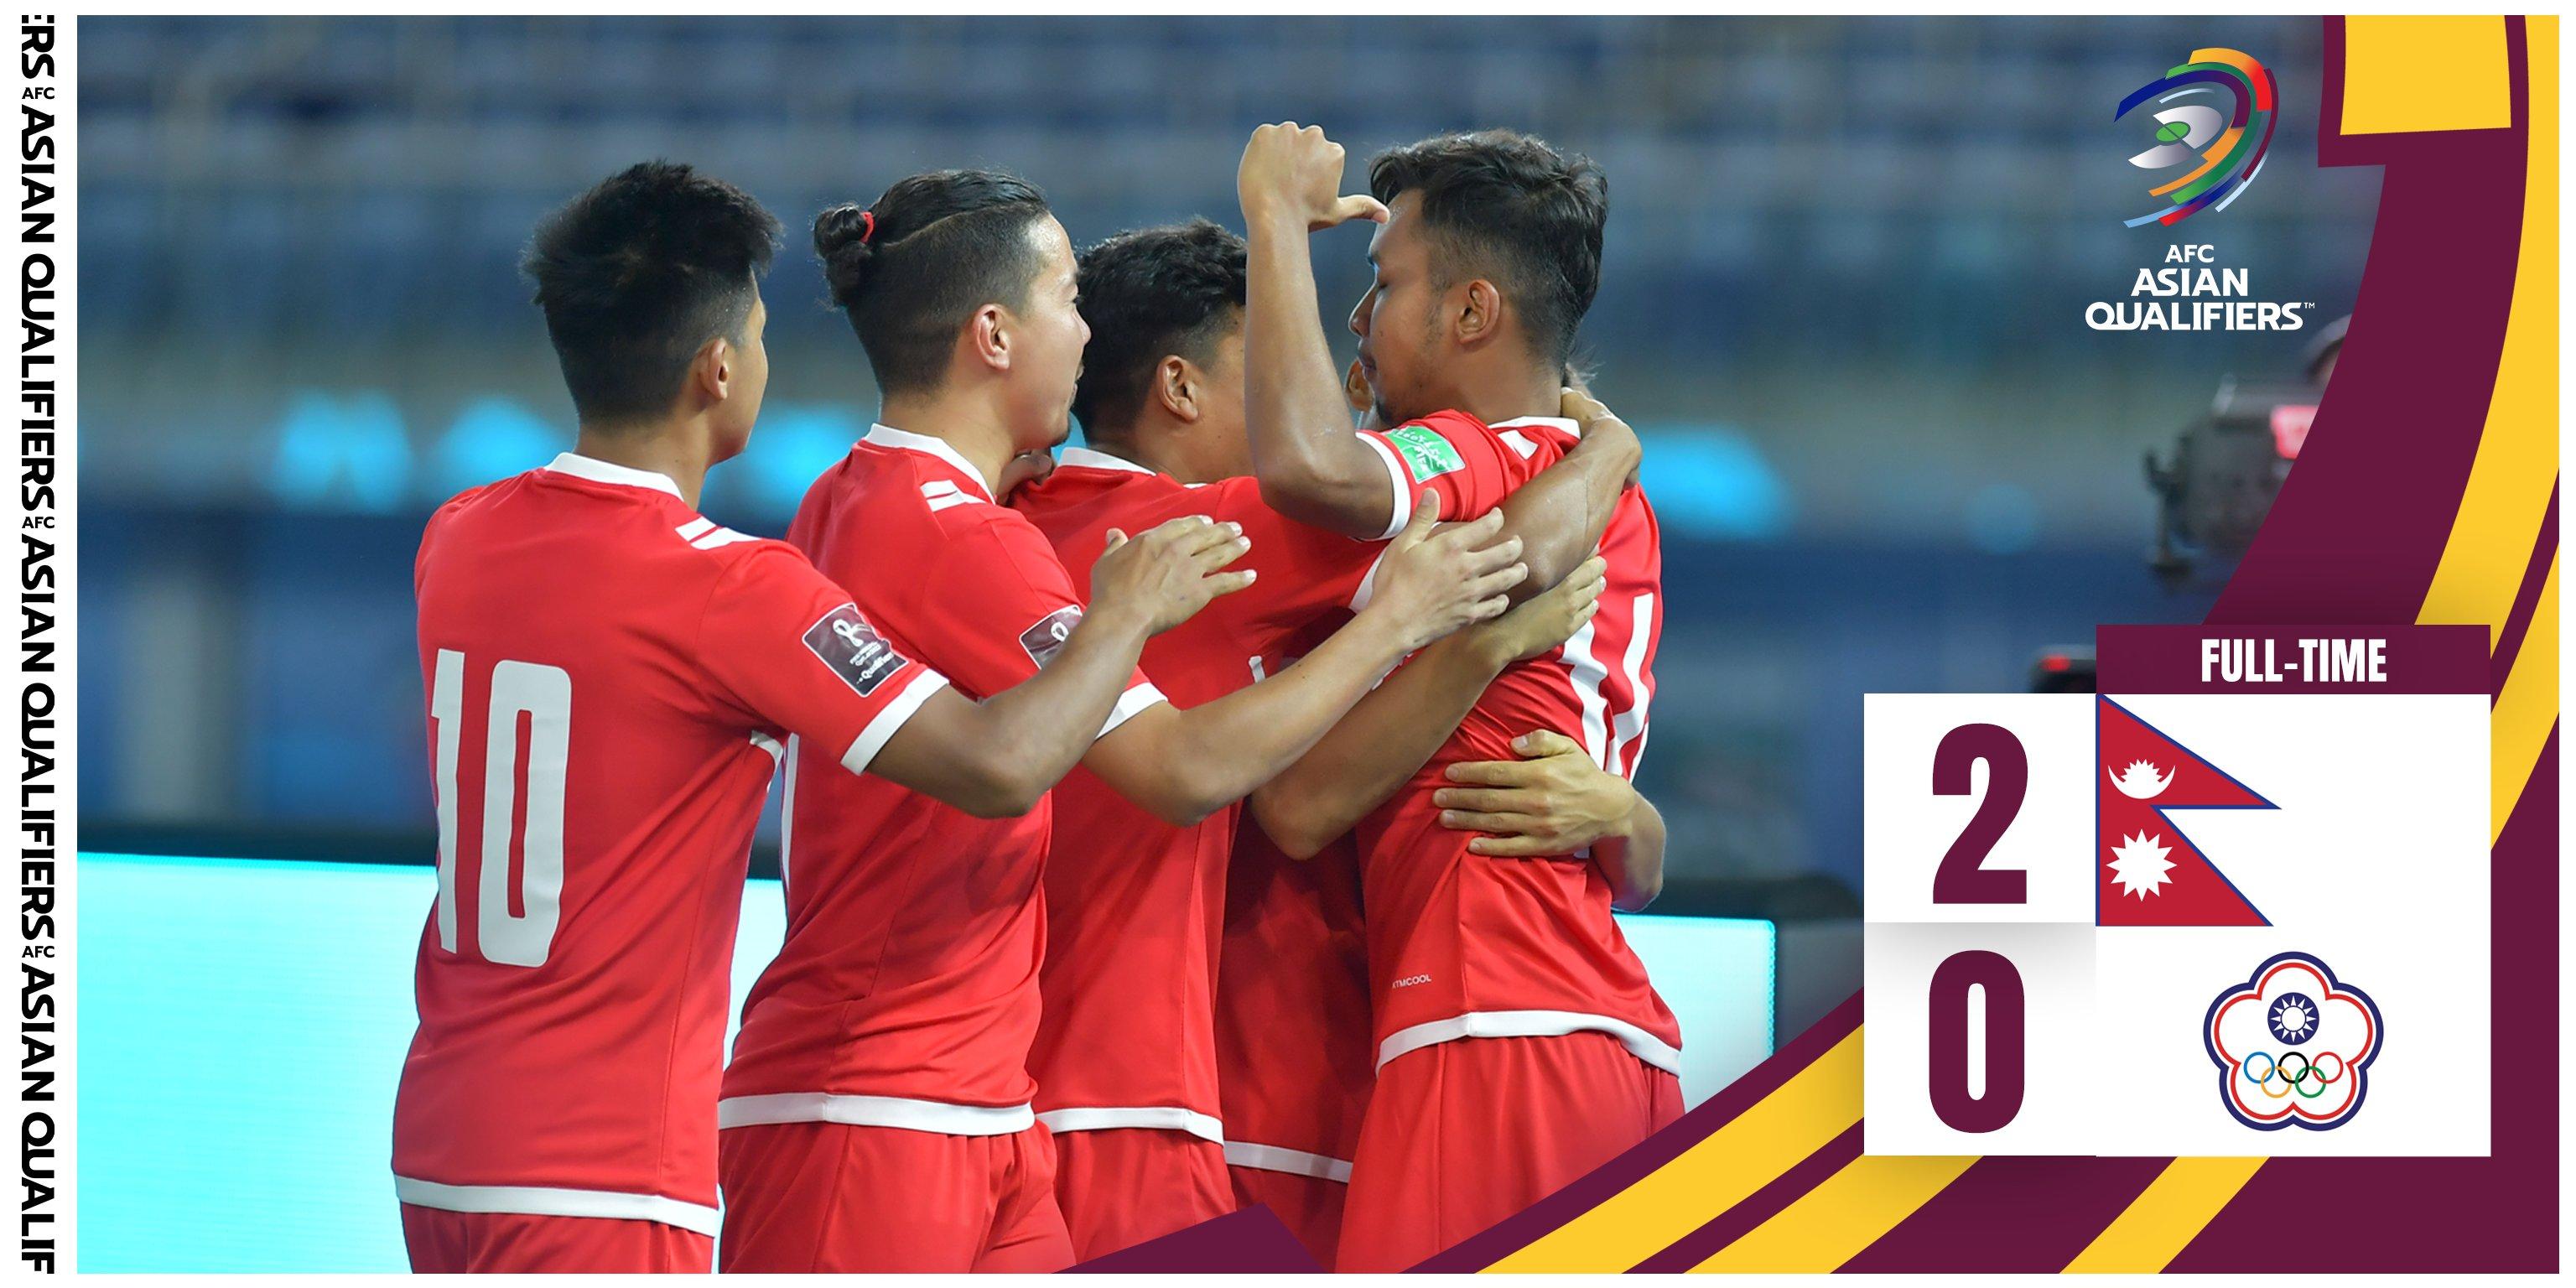 FIFA World Cup Asian Qualifying Match: Nepal beats Chinese Taipei